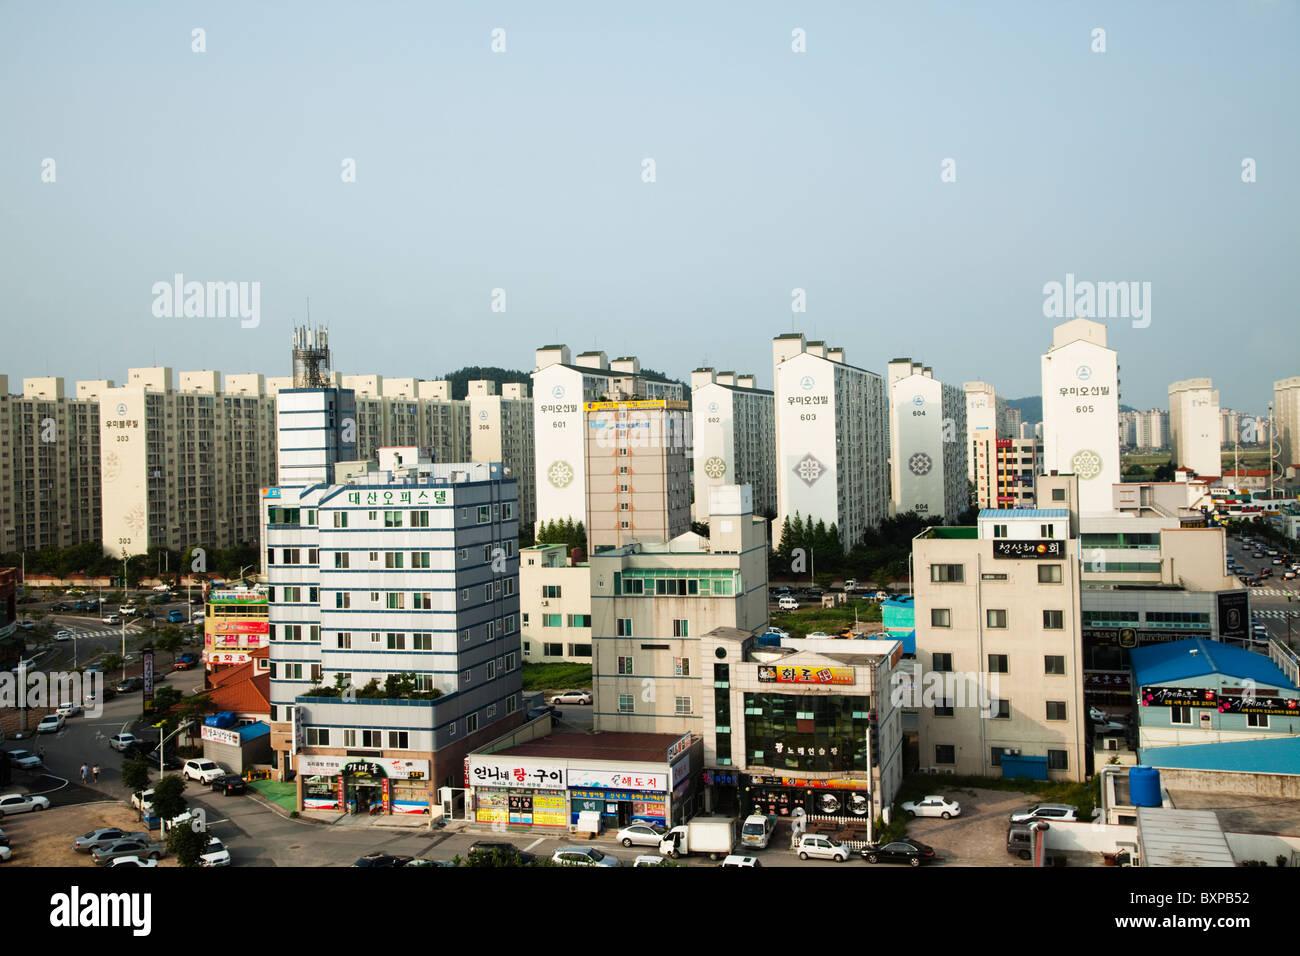 Architektur rund um den Hafen von Mokpo, Südkorea Stockbild